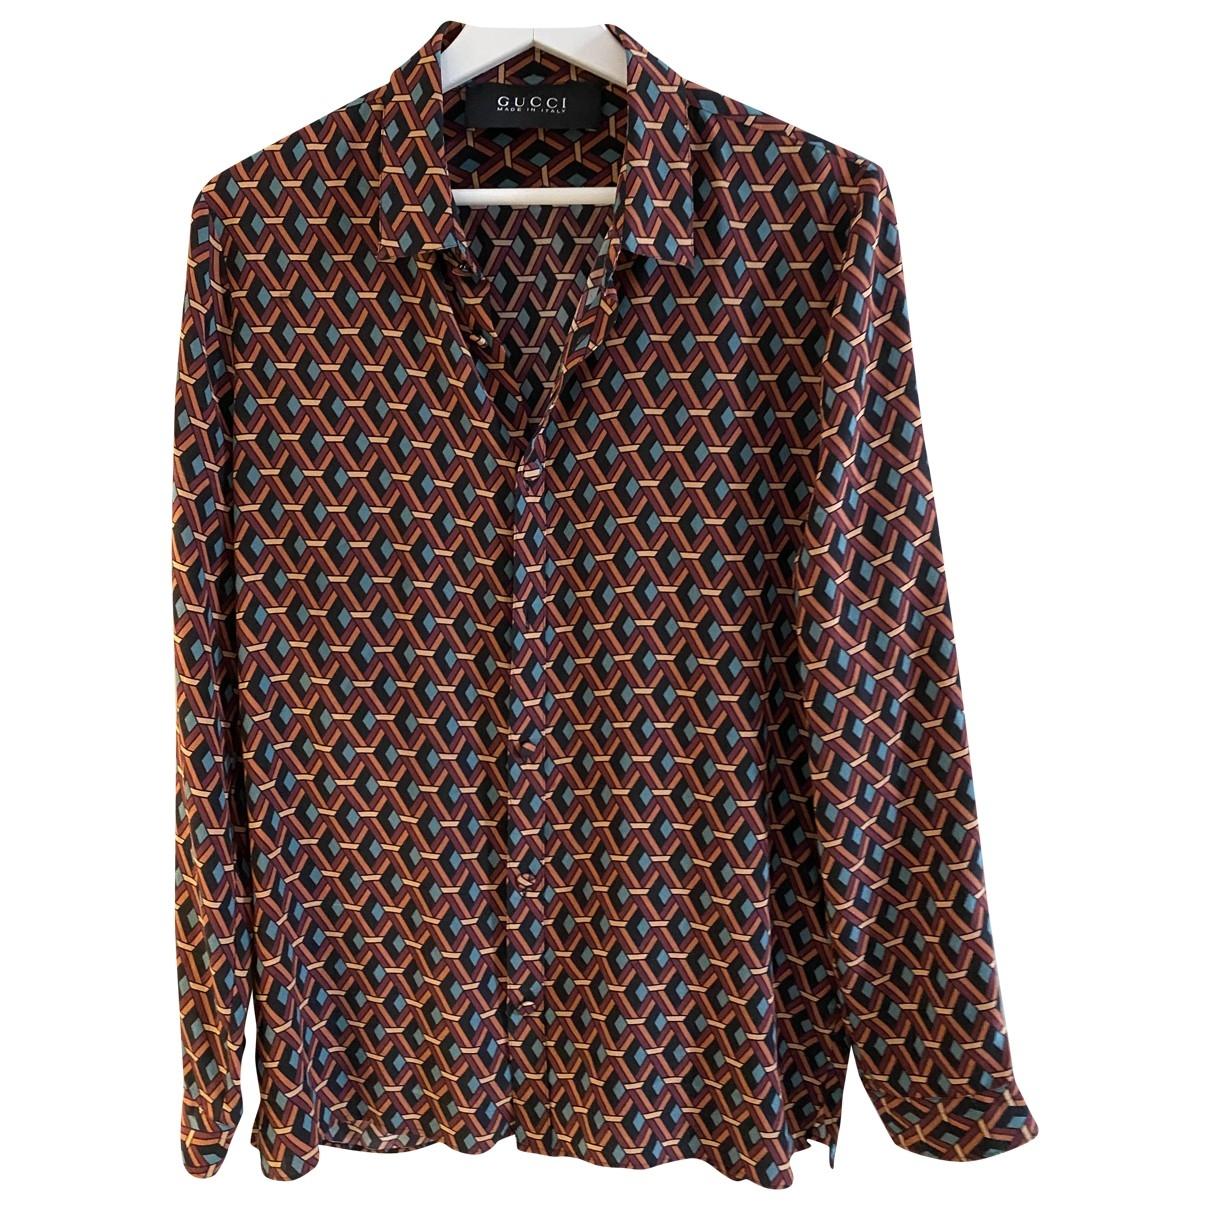 Gucci - Chemises   pour homme en soie - multicolore